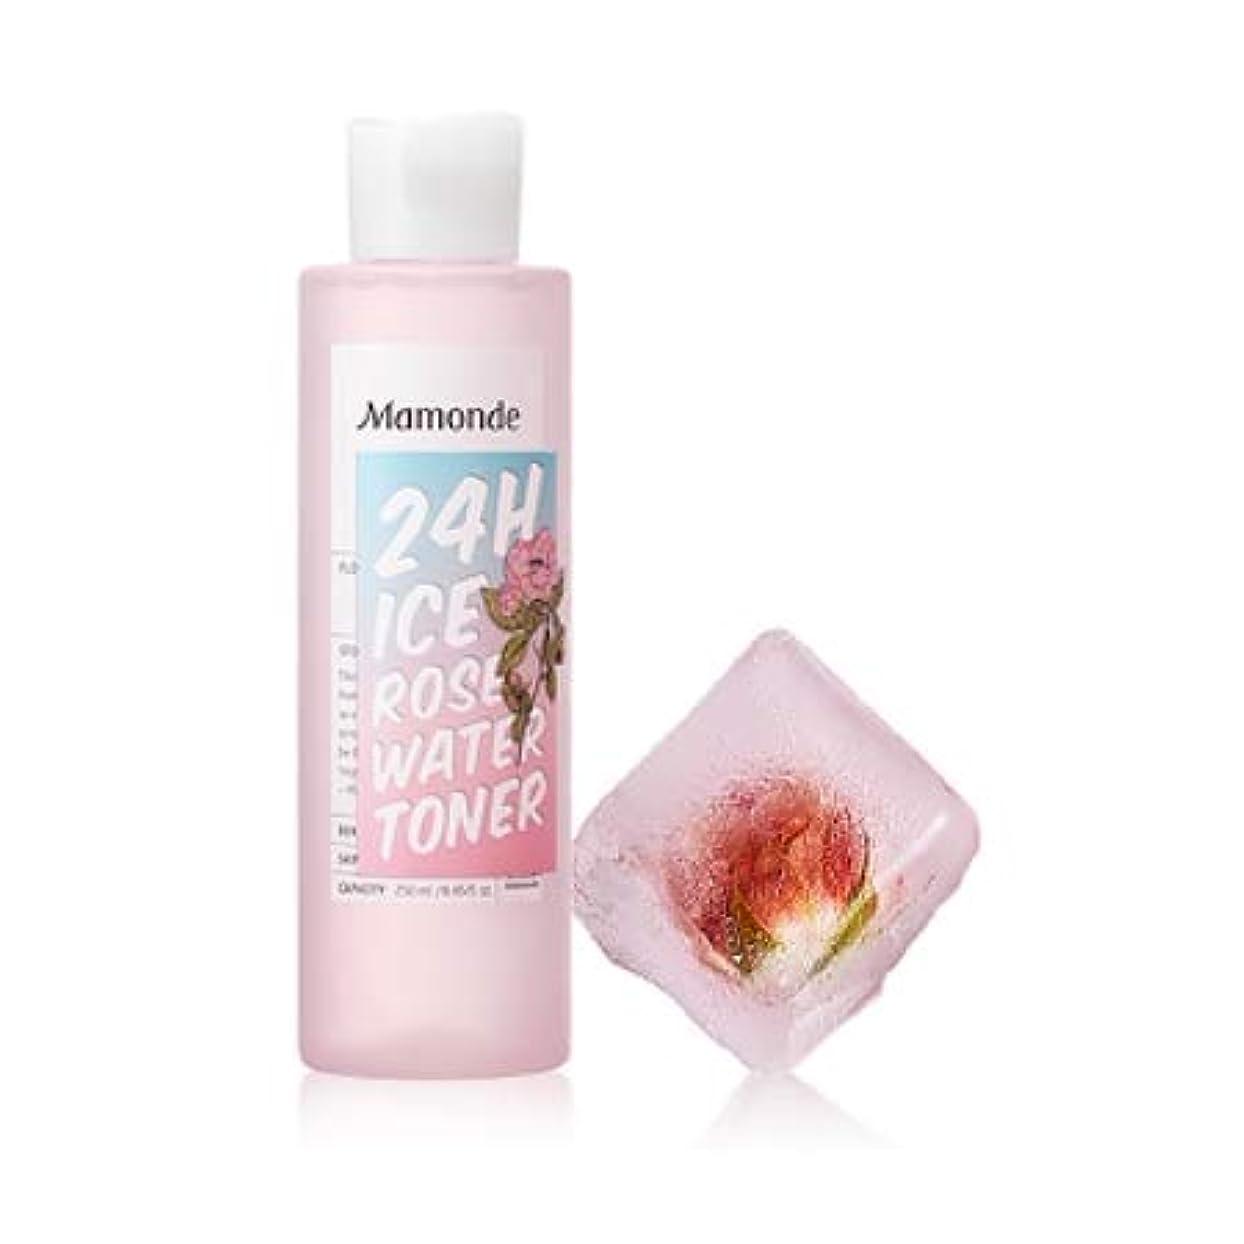 きちんとした落胆するパイル【マモンド.mamonde](公式)24Hアイスローズウォータートナー(250ml)(2019.05 new product)/ ice rose water toner